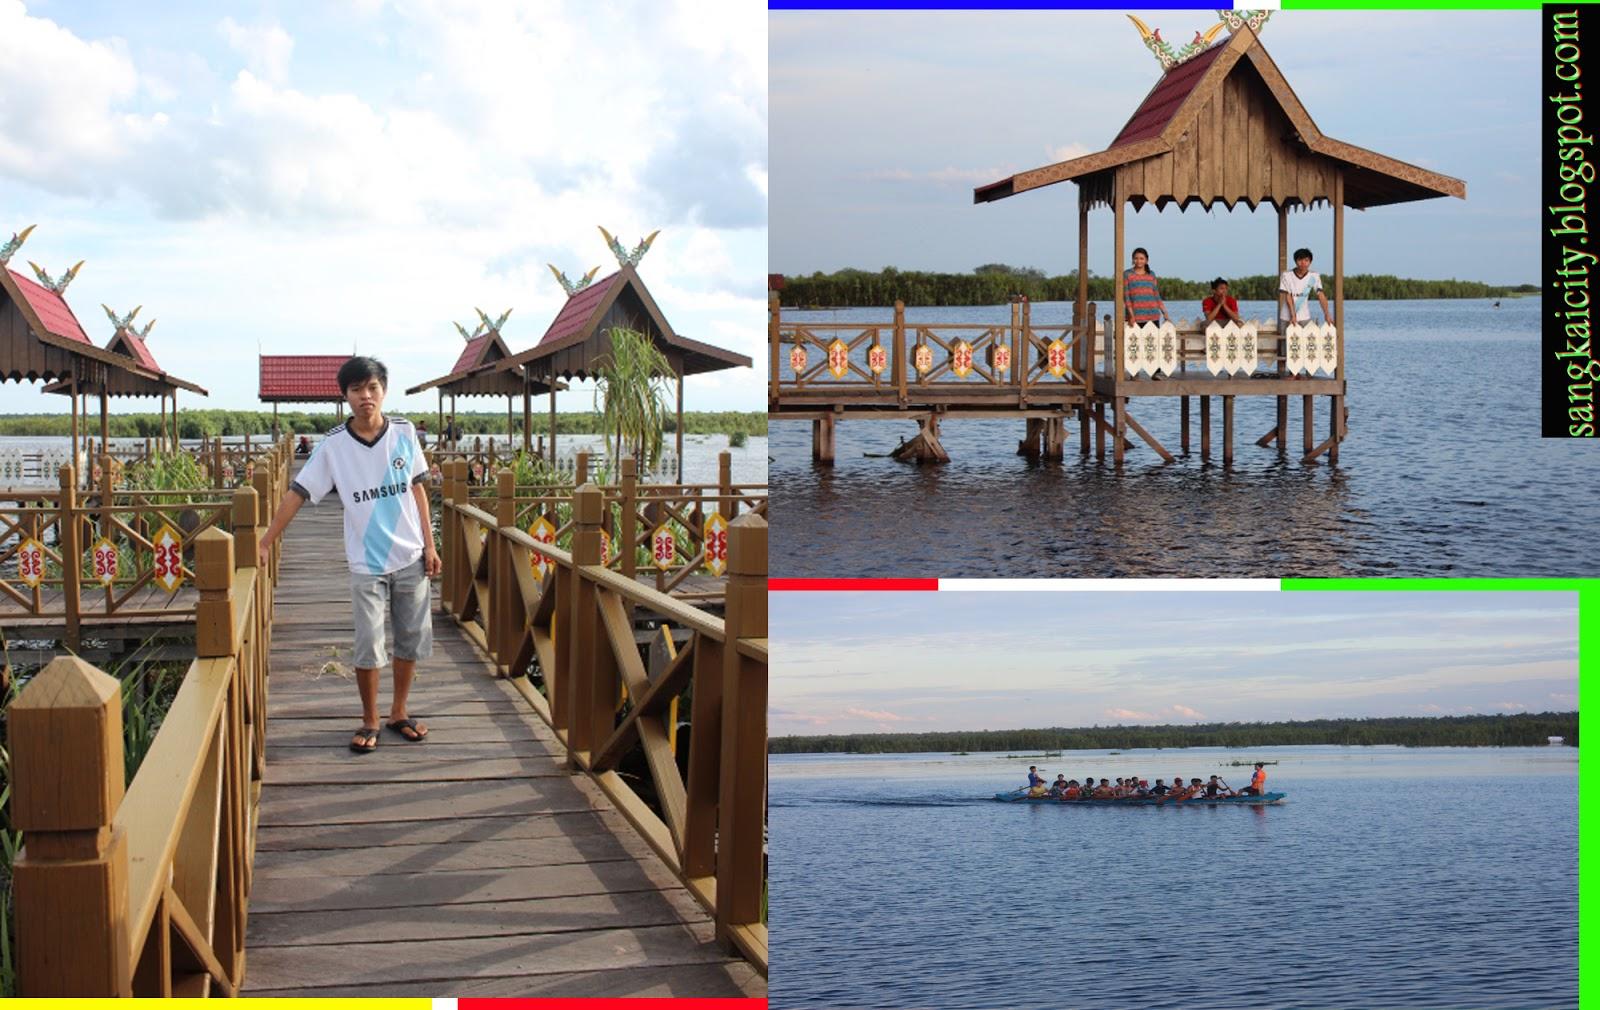 Tempat Wisata Palangkaraya Giveabookok Objek Danau Kereng Bangkirai Palangka Raya